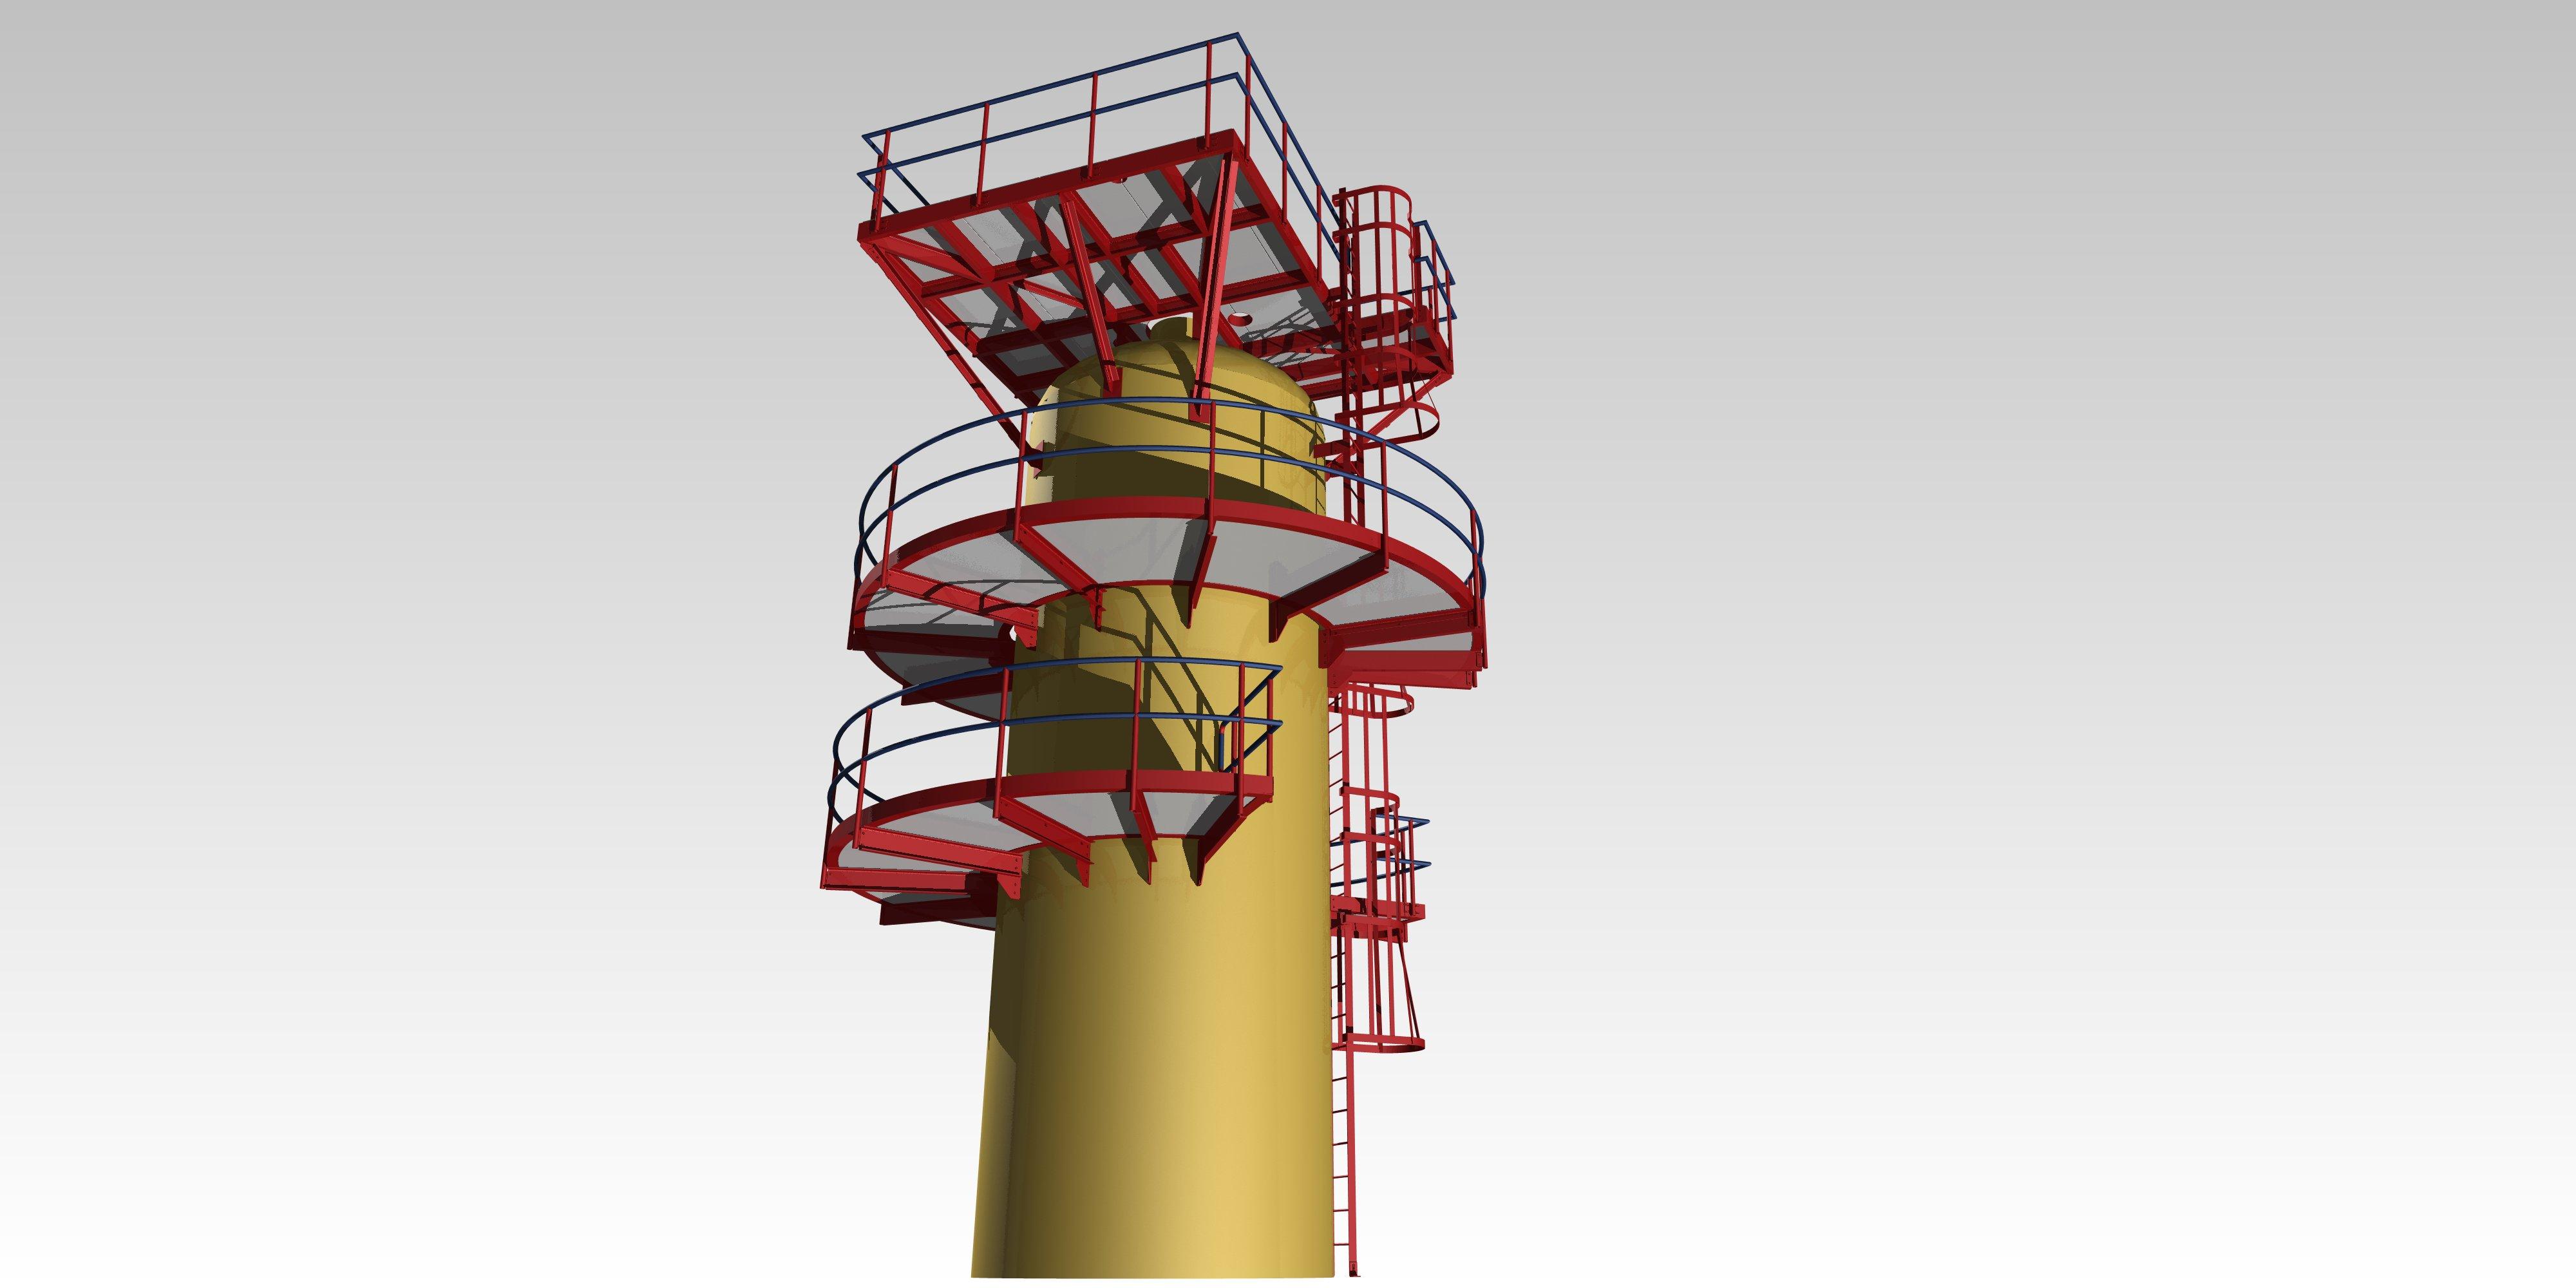 Circular platform detailing silo